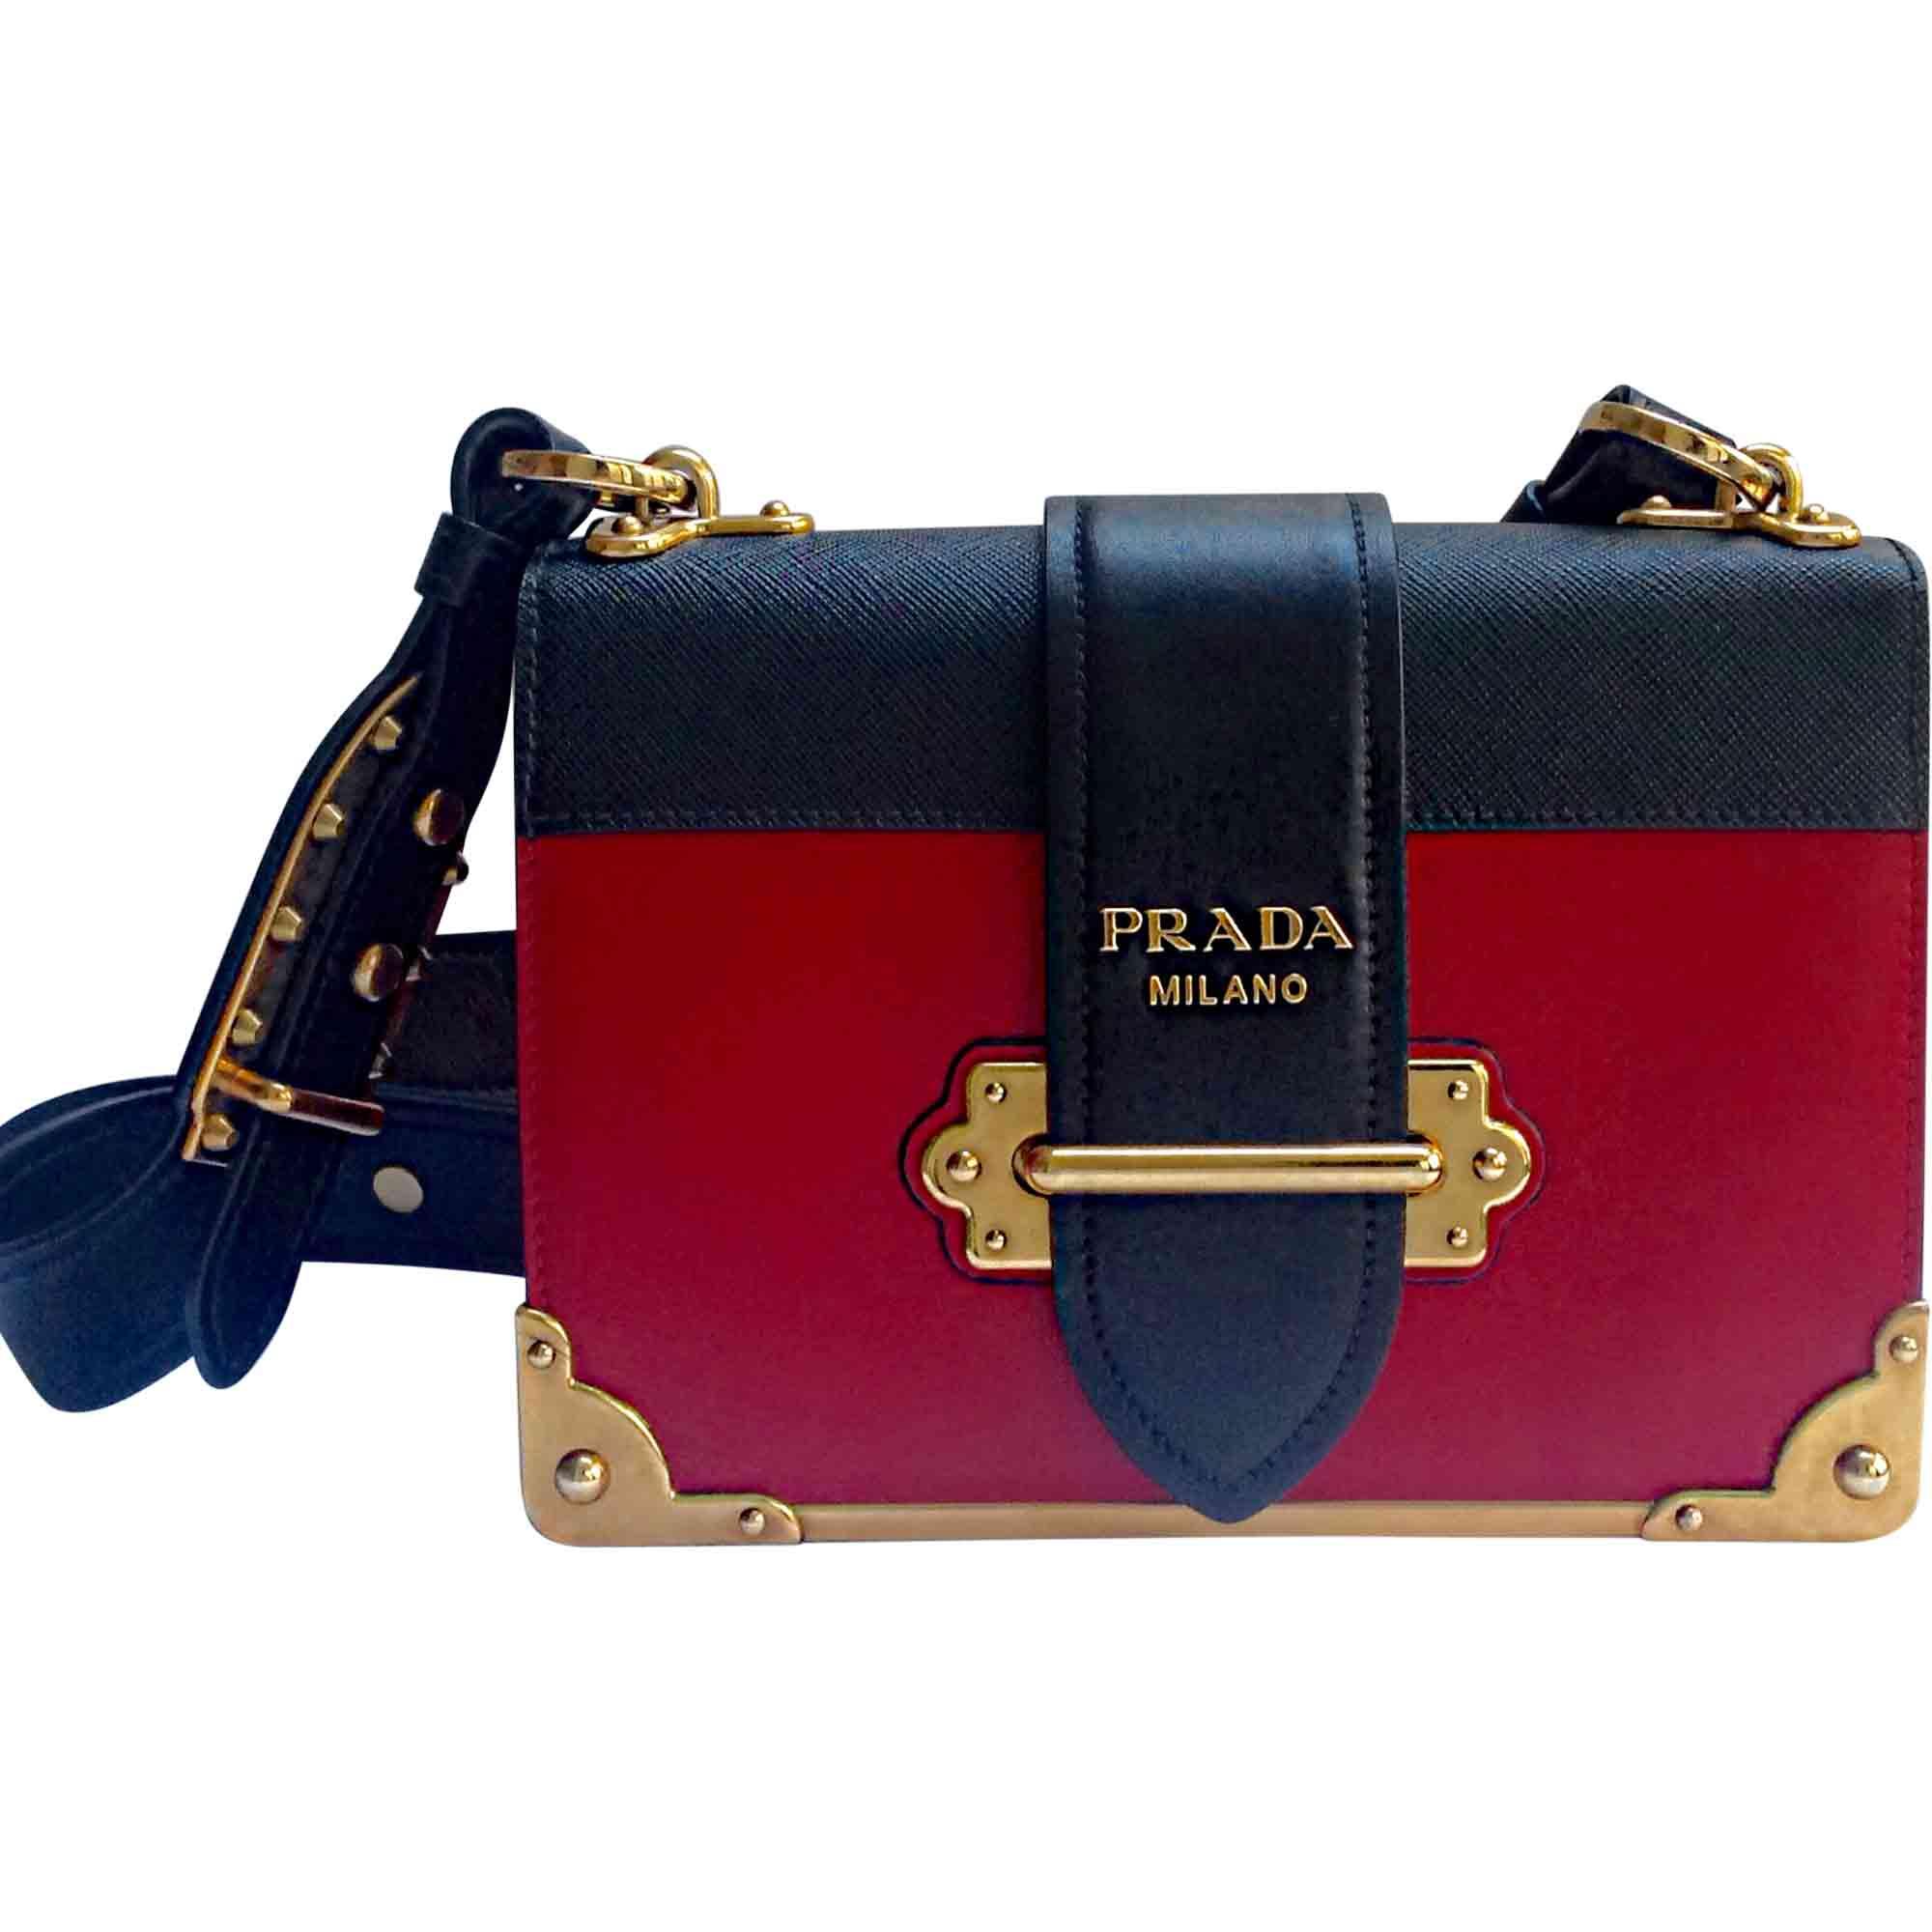 Sac en bandoulière en cuir PRADA rouge vendu par Orelilona - 6941337 c8089b29c73